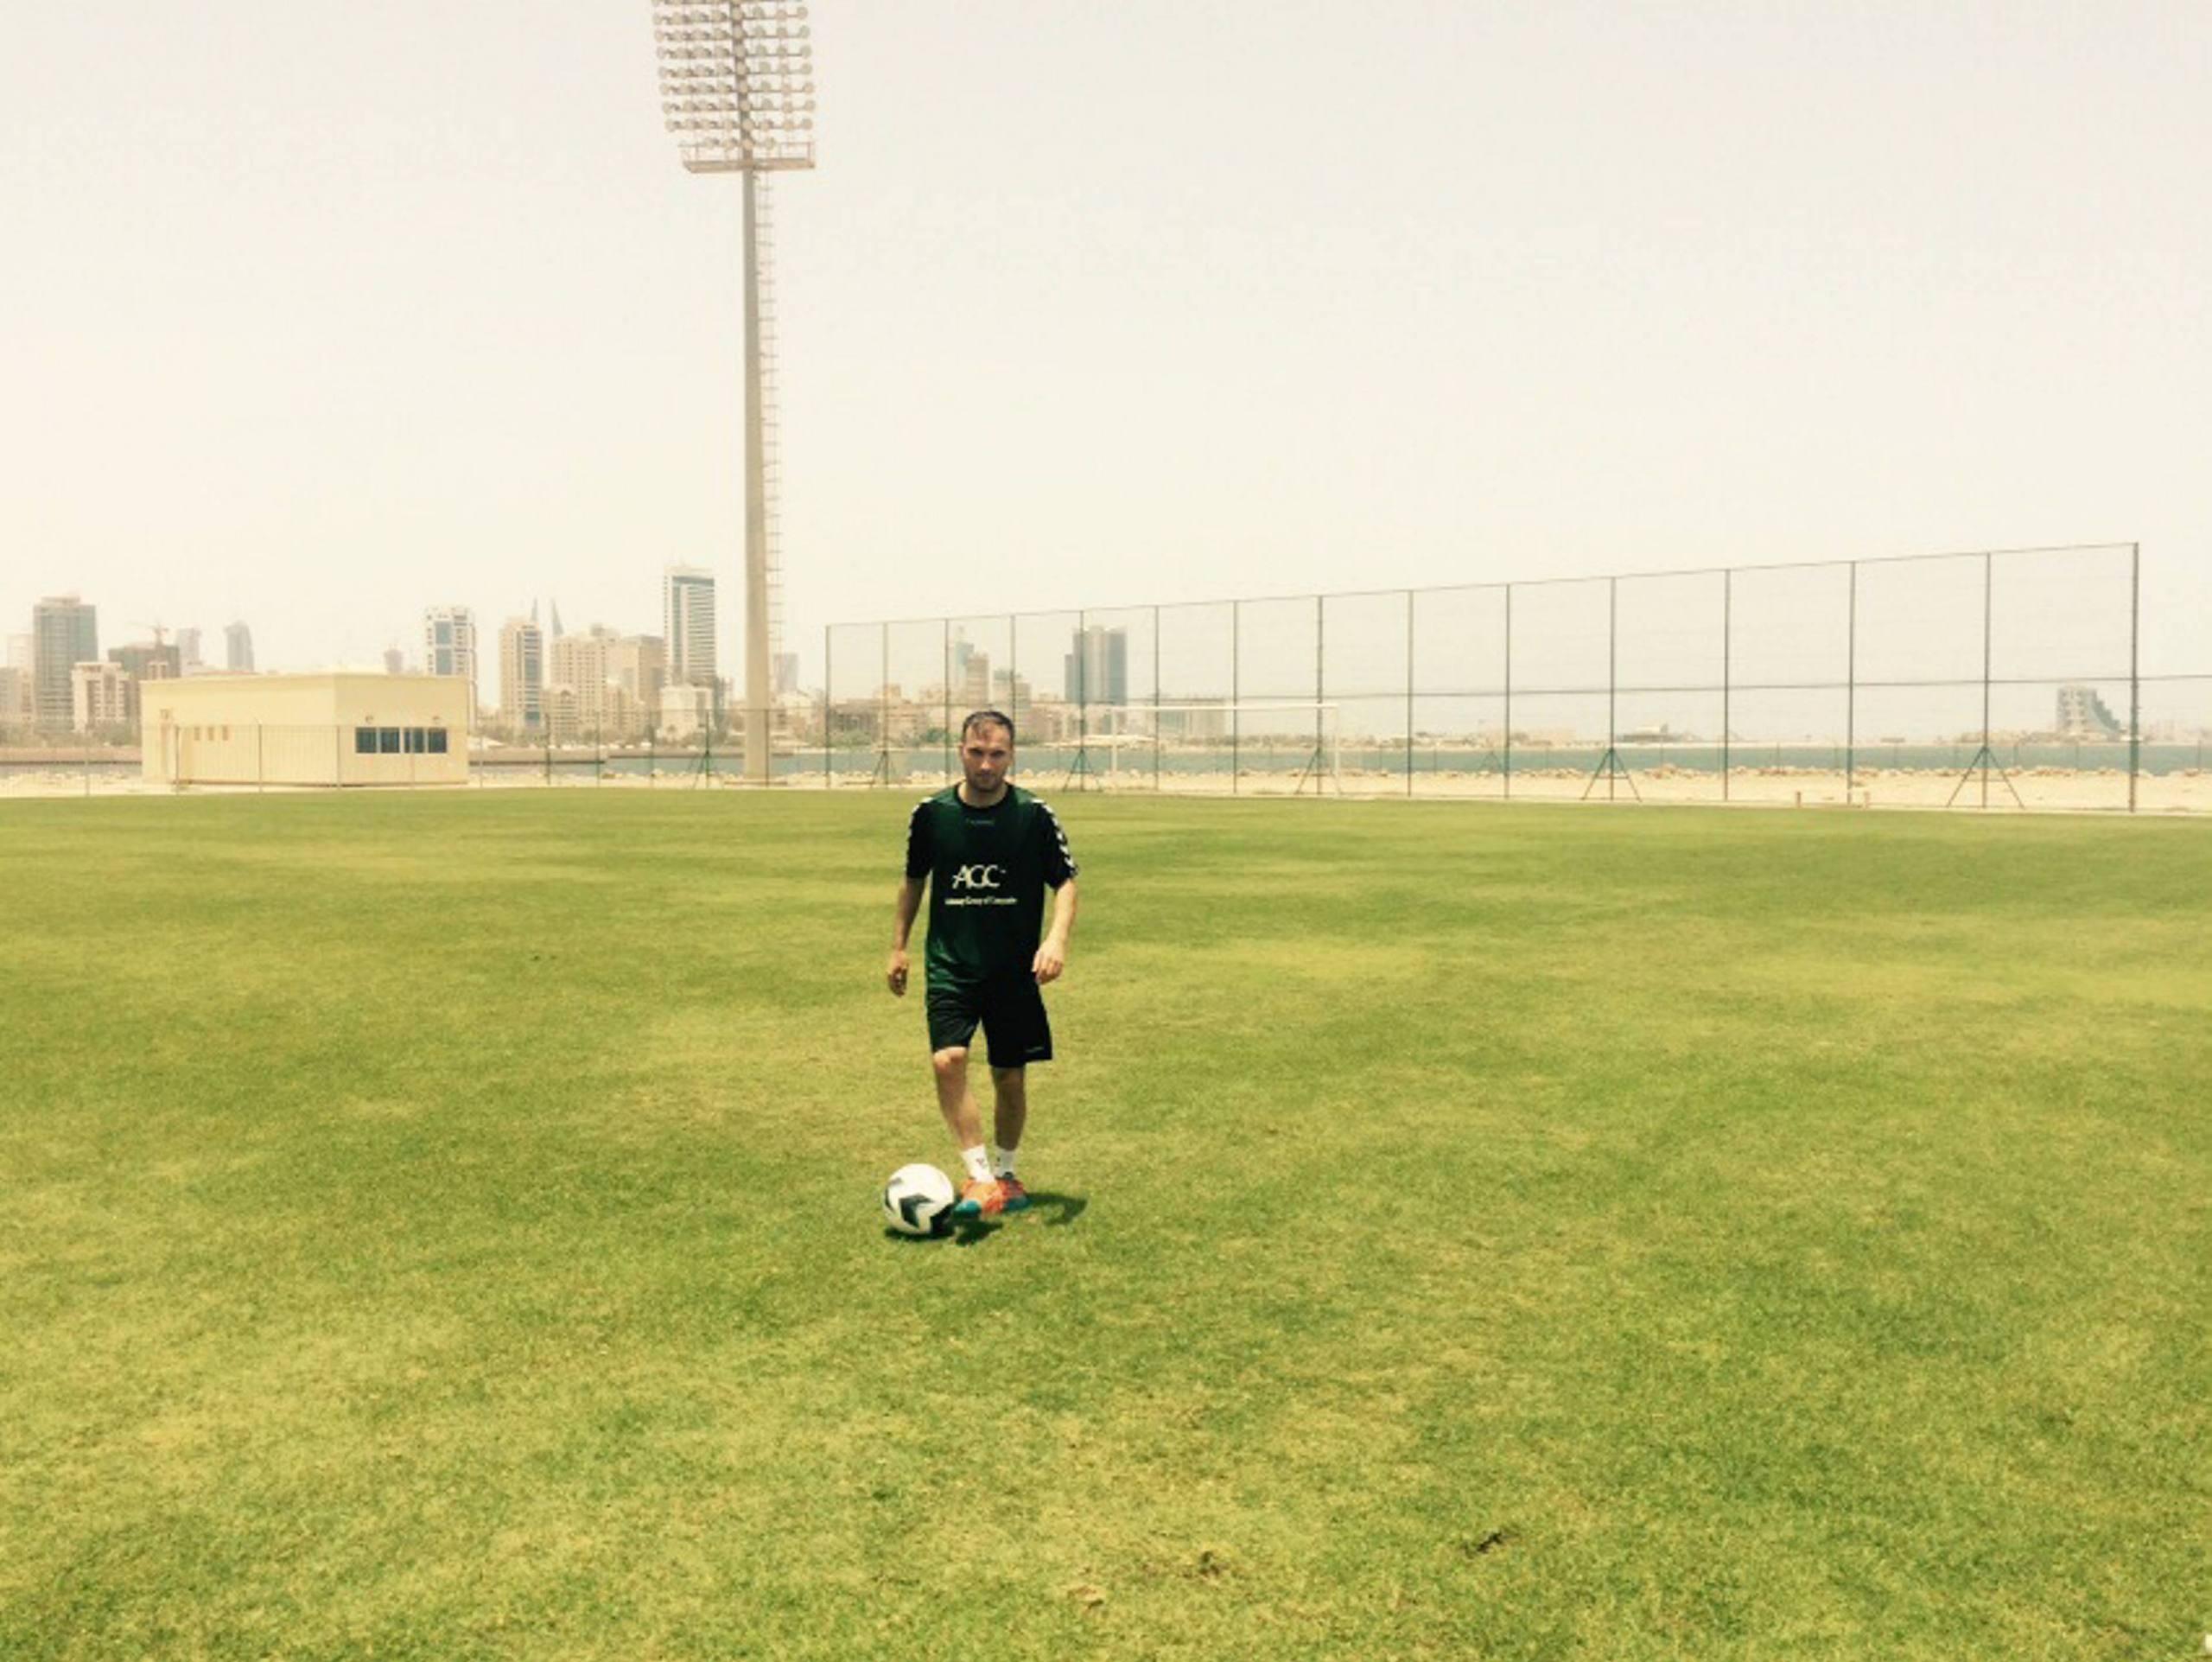 Fotbollslandslaget moter bahrain